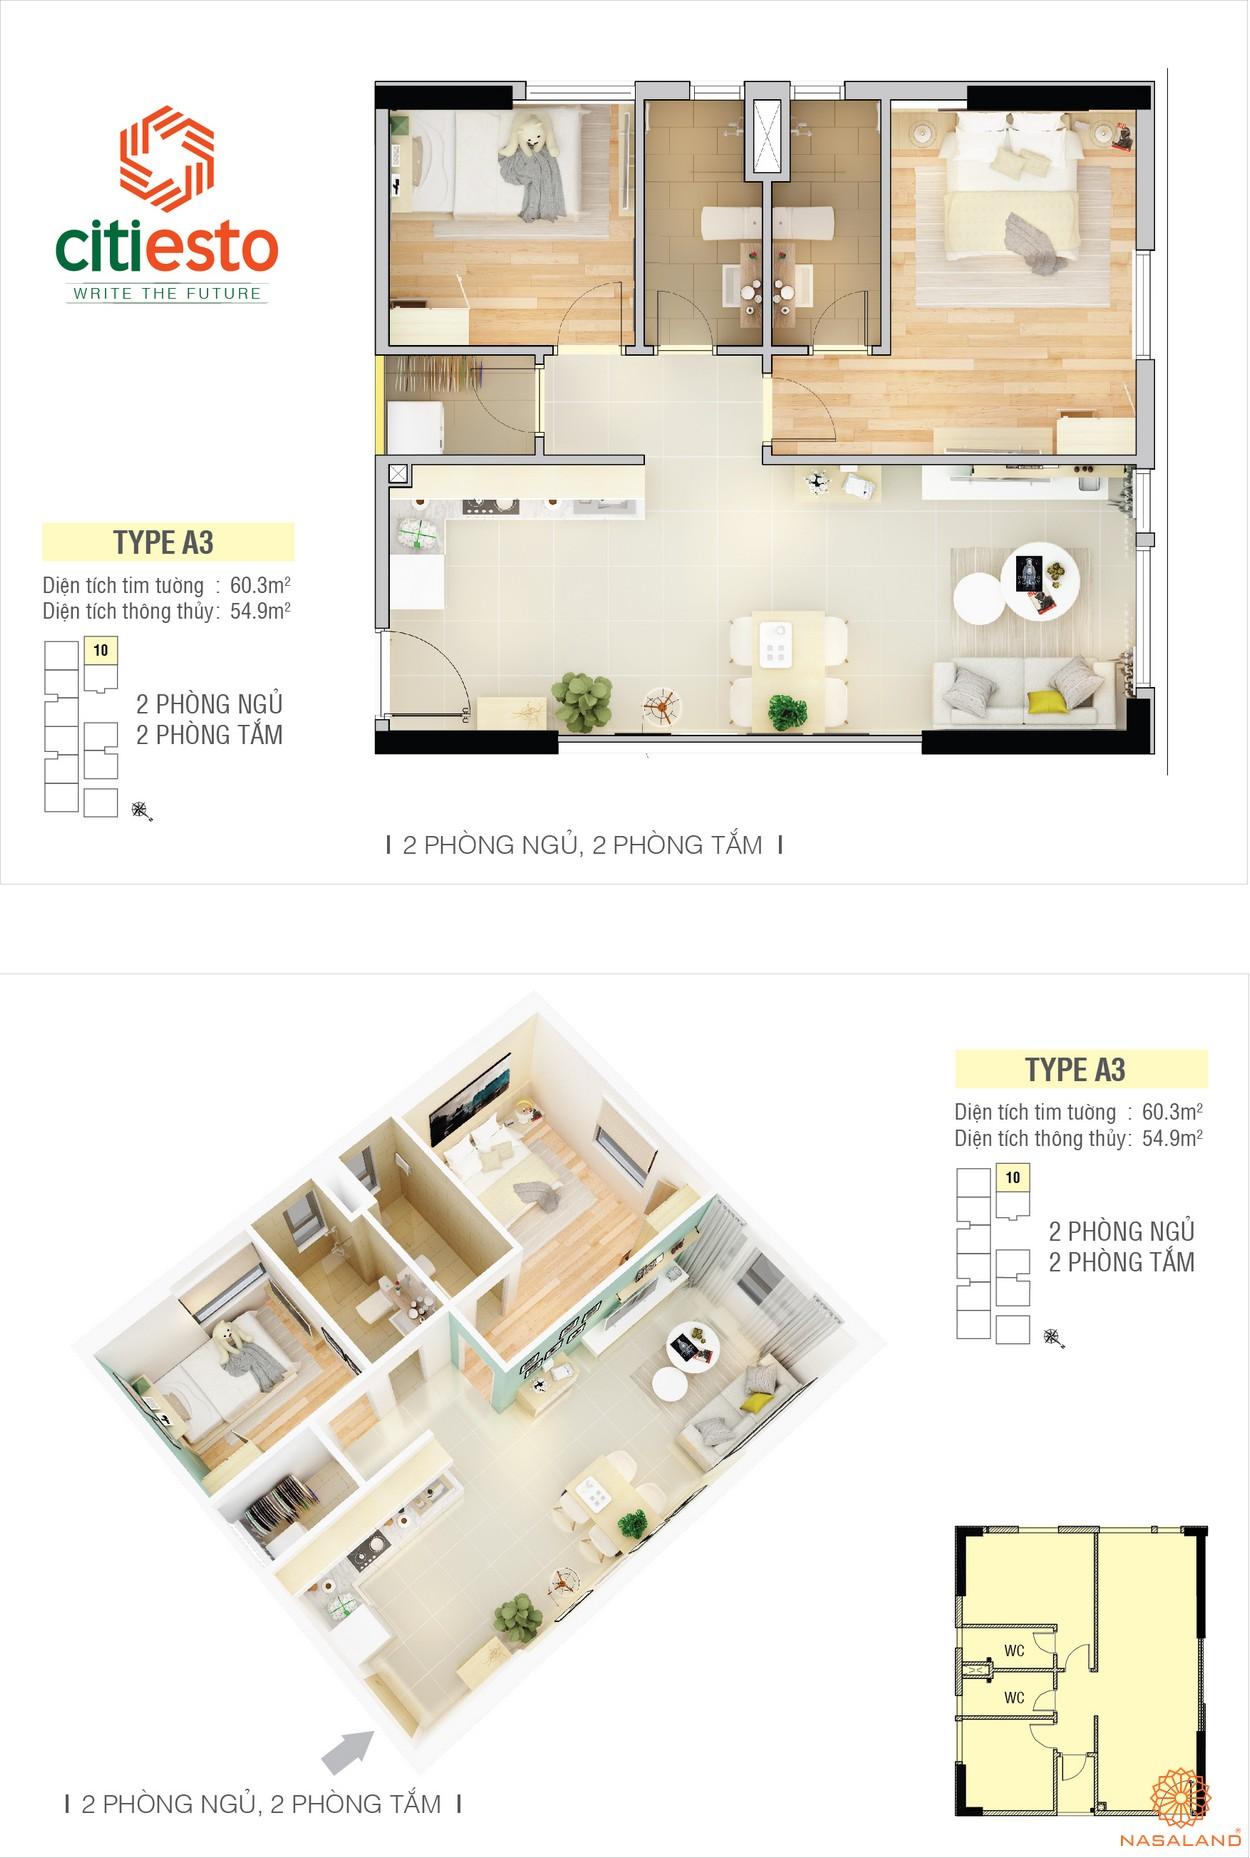 Thiết kế điển hình căn hộ CitiEsto căn 2PN